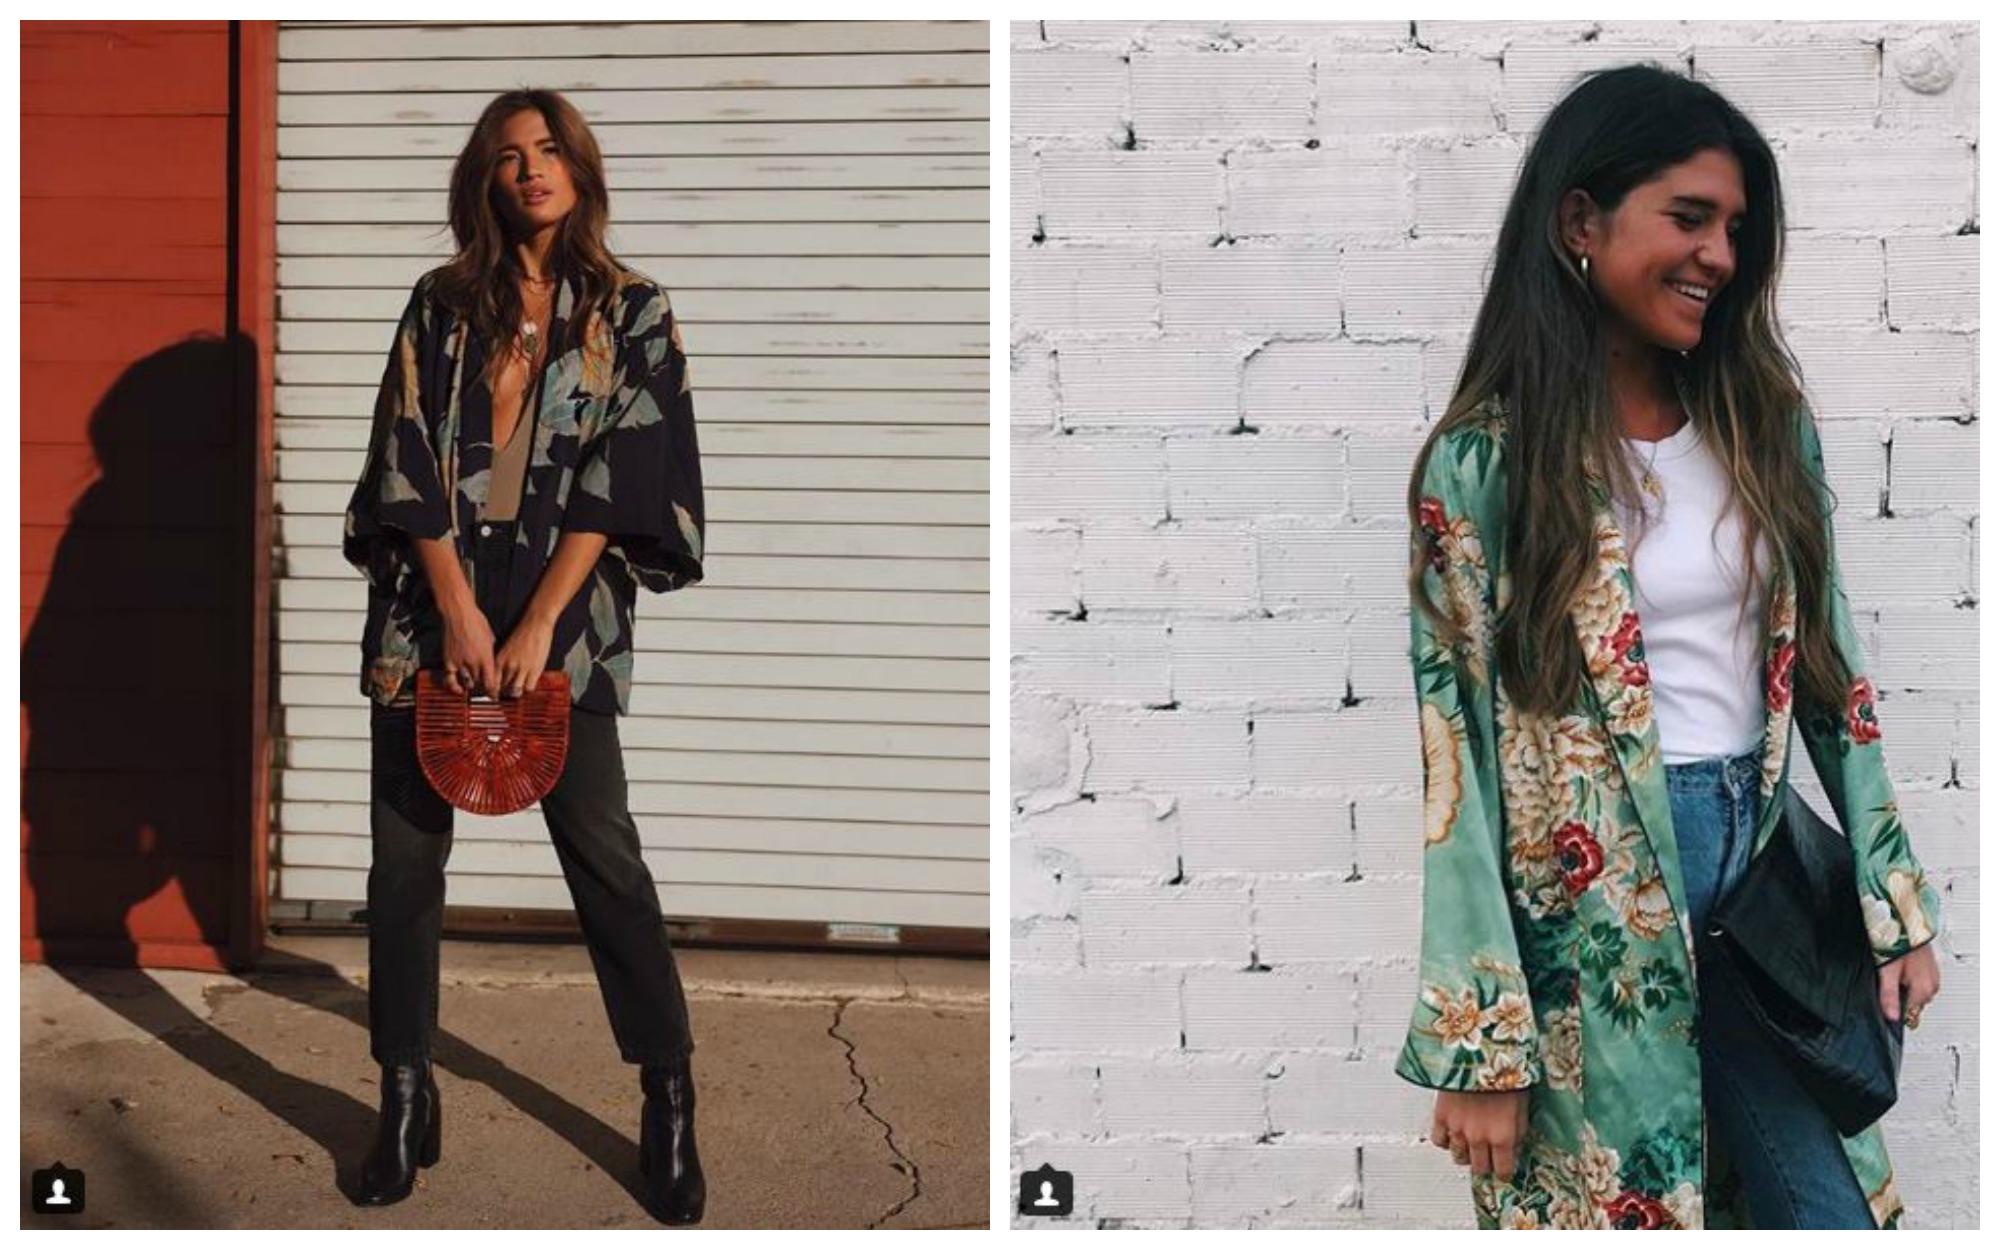 tendencias Kimonos Orientales en diferentes outfits